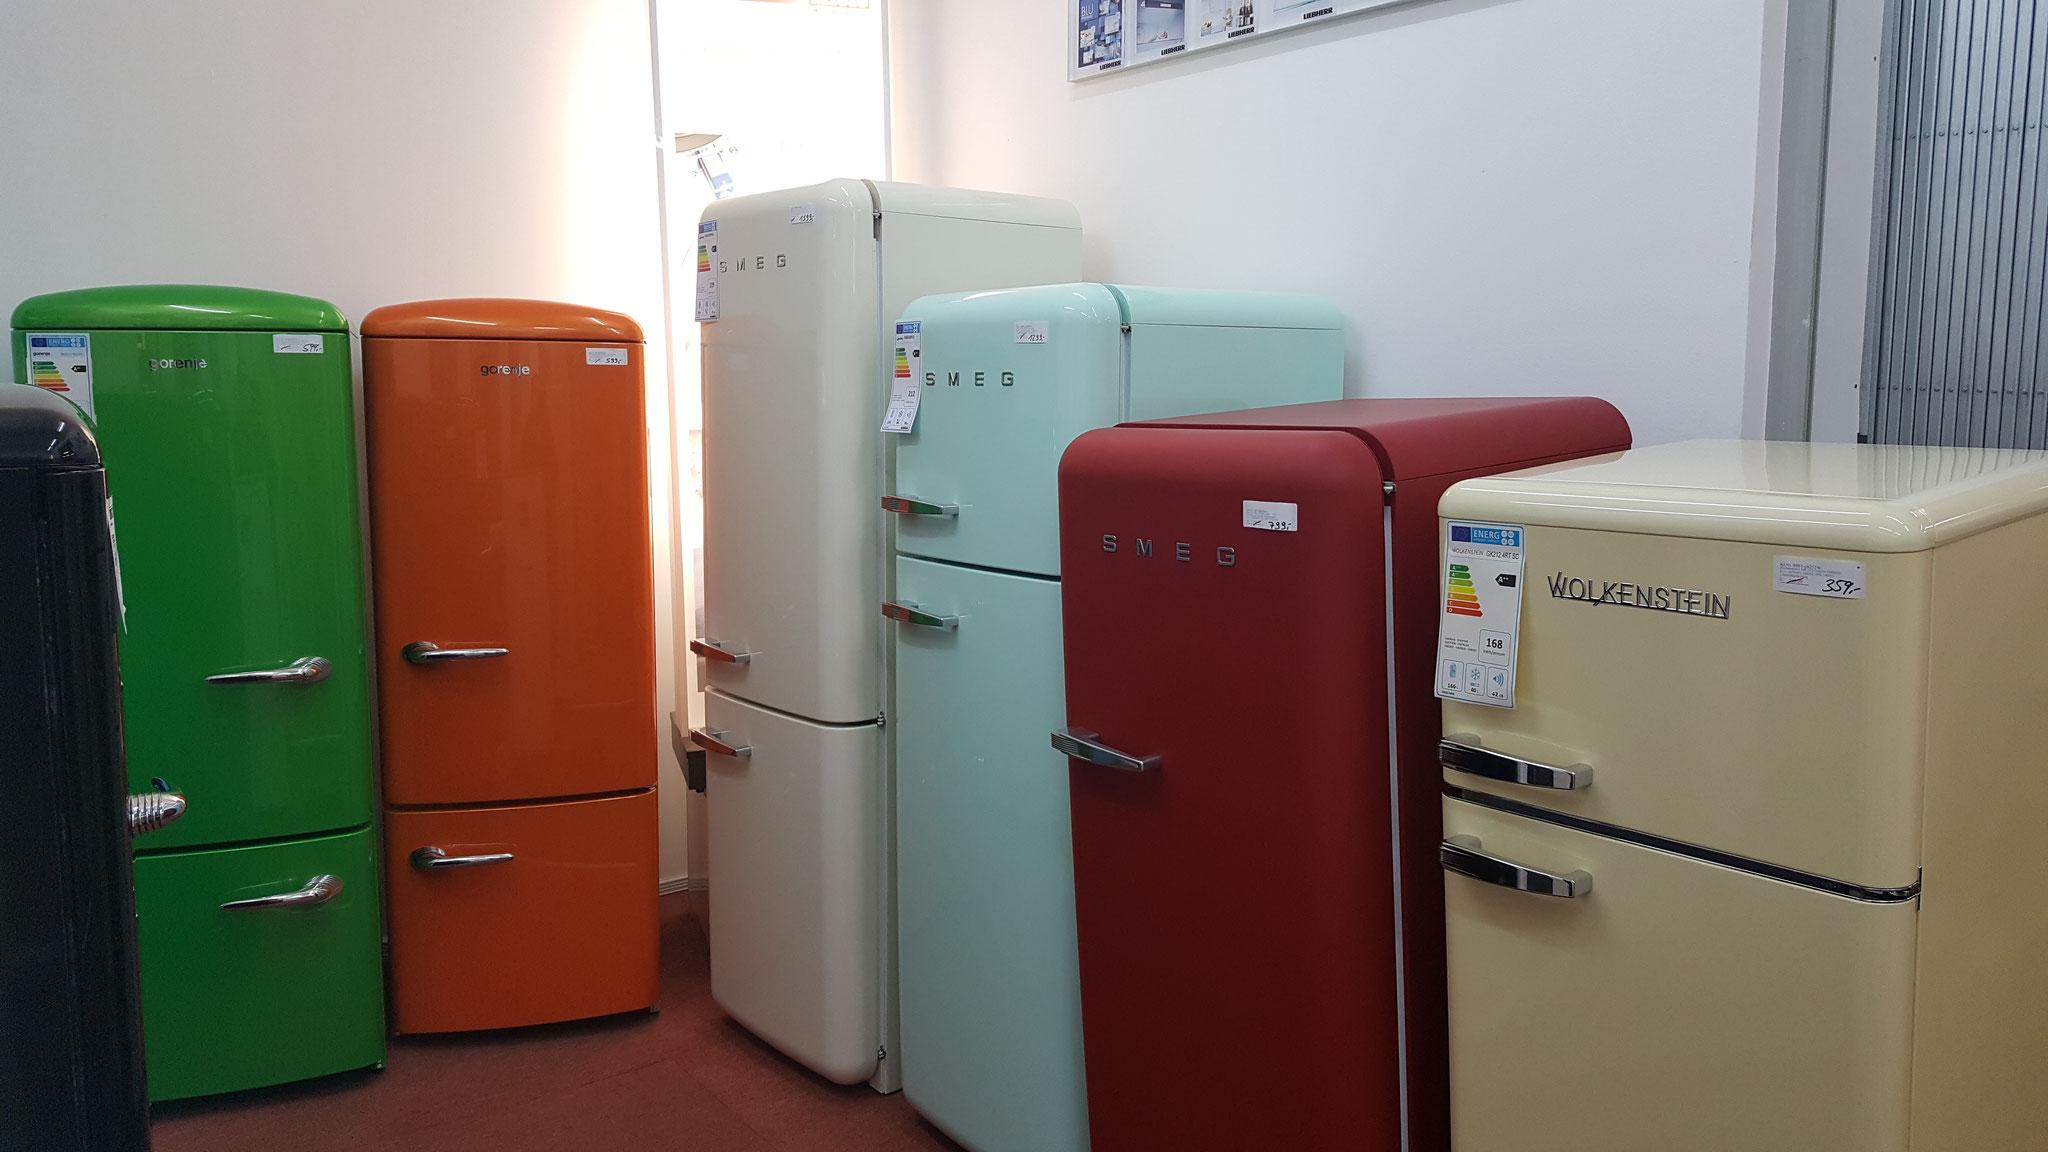 Gorenje Kühlschrank Vw Bulli : Kühlschrank retro gorenje khlschrnke retro awesome kuhlschrank